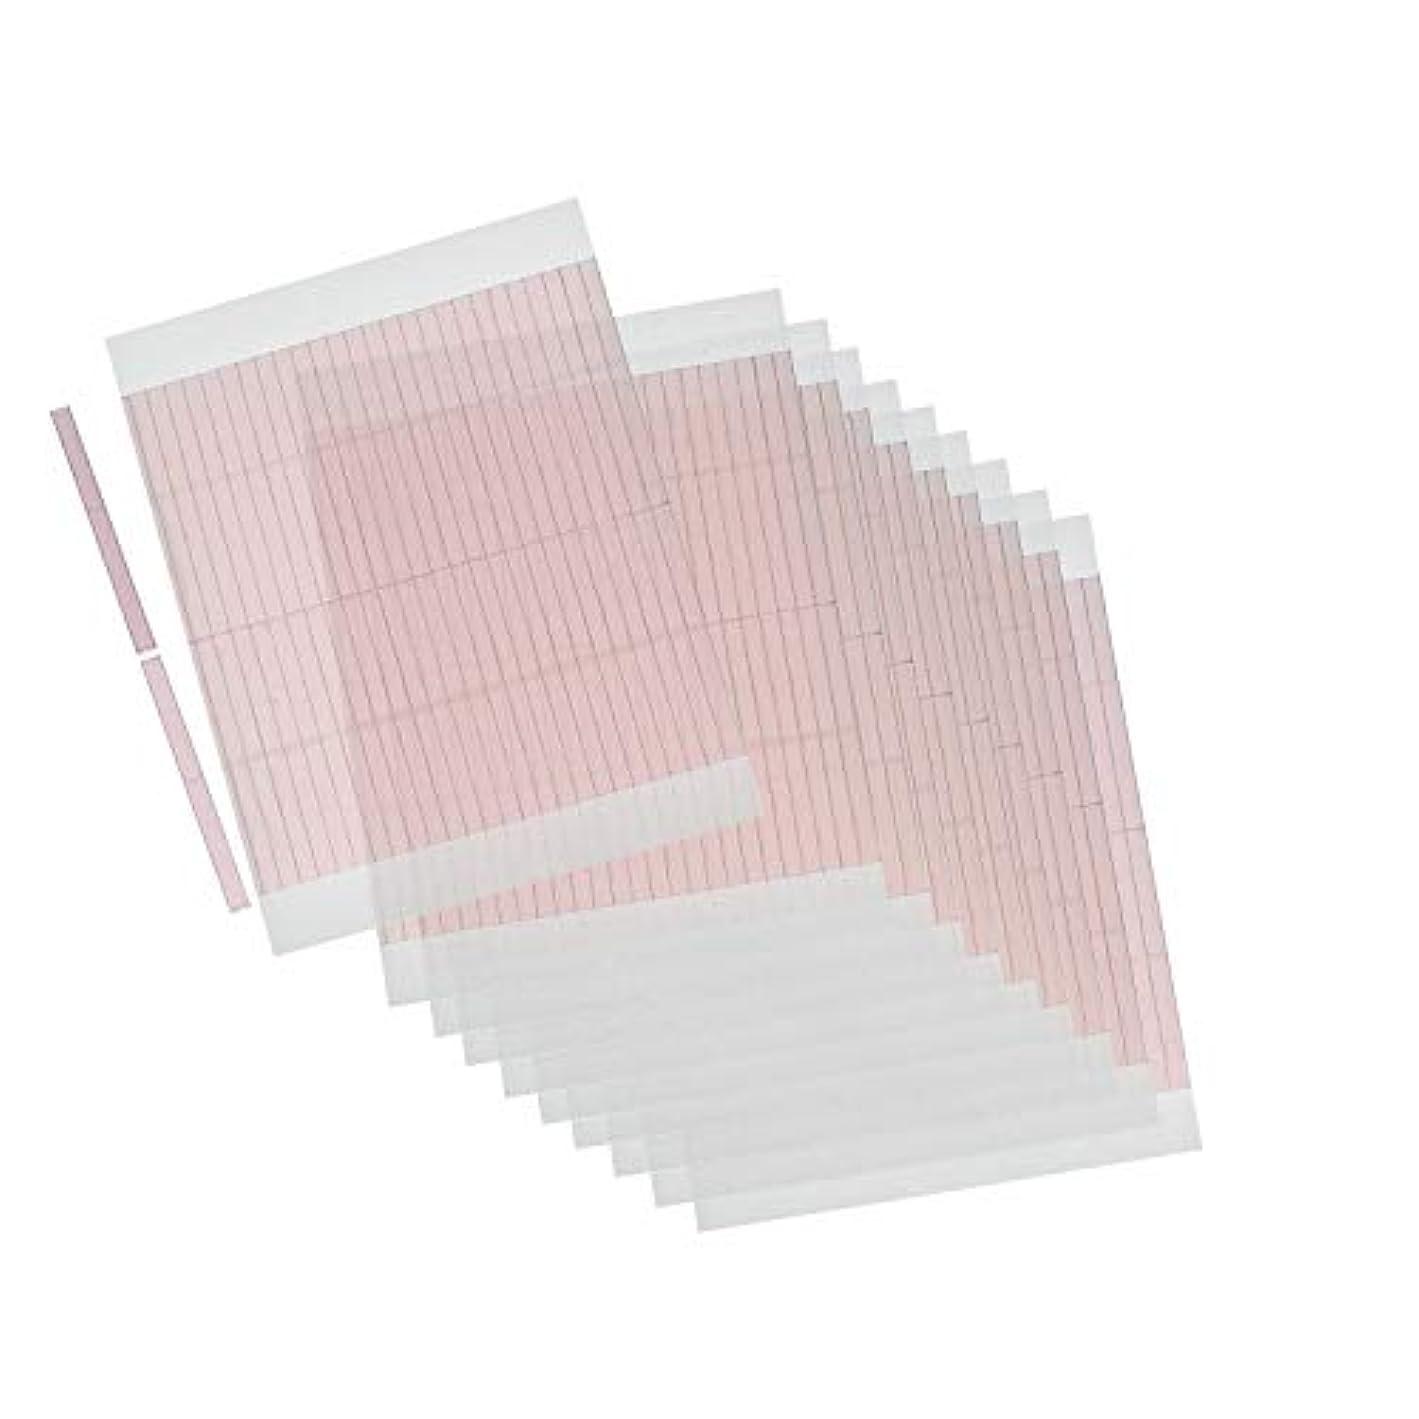 ルアースタイル頻繁にm.tivance アイテープ 二重瞼形成 二重テープ 10シートセット 520本入り/アイテープ10枚セット